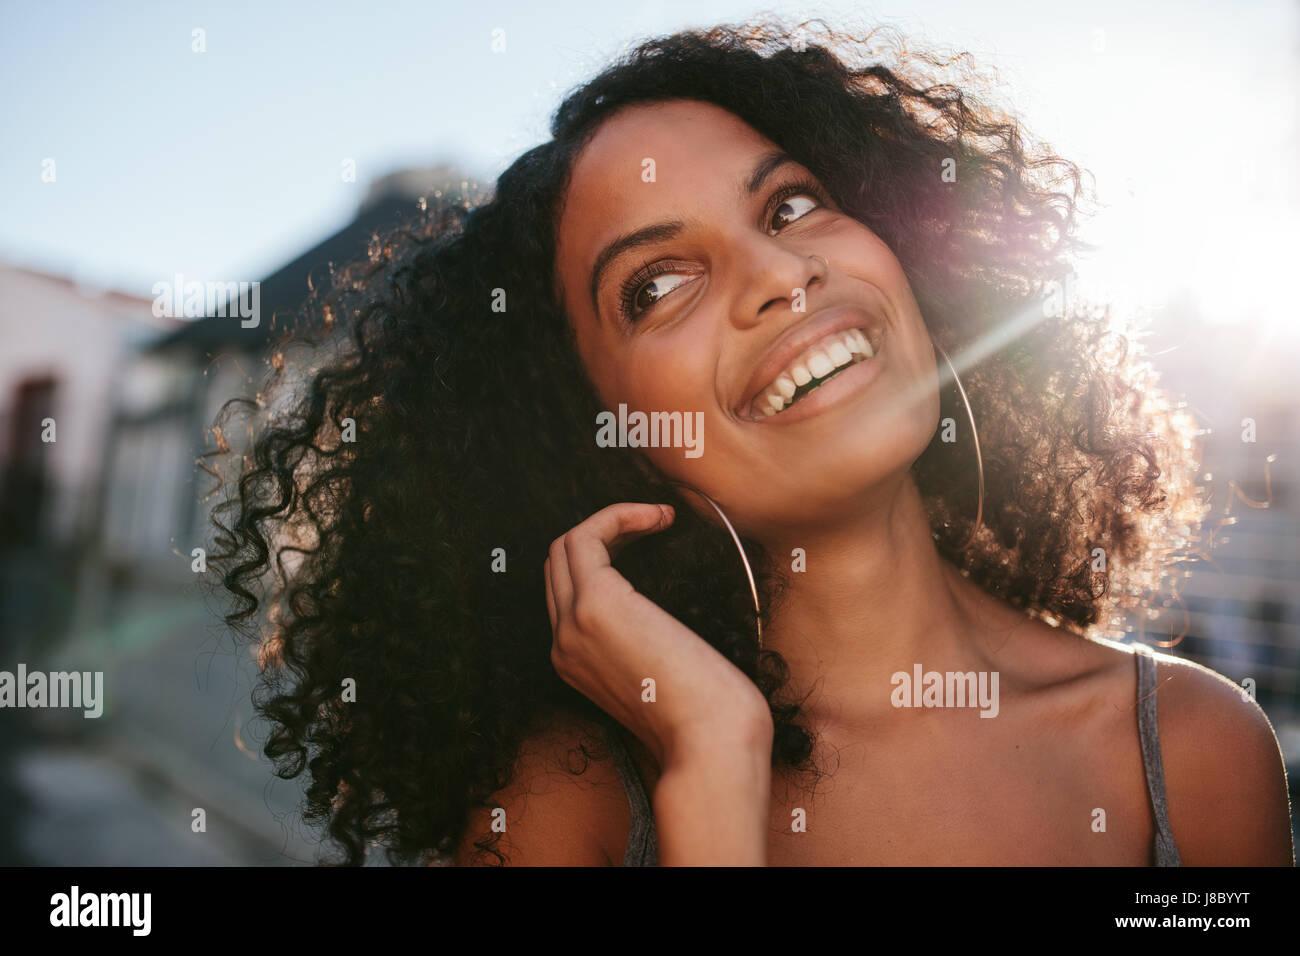 Porträt des jungen Afrikanerin mit dem lockigen Haar wegsehen hautnah. Afro american weiblich im Freien stehen Stockbild